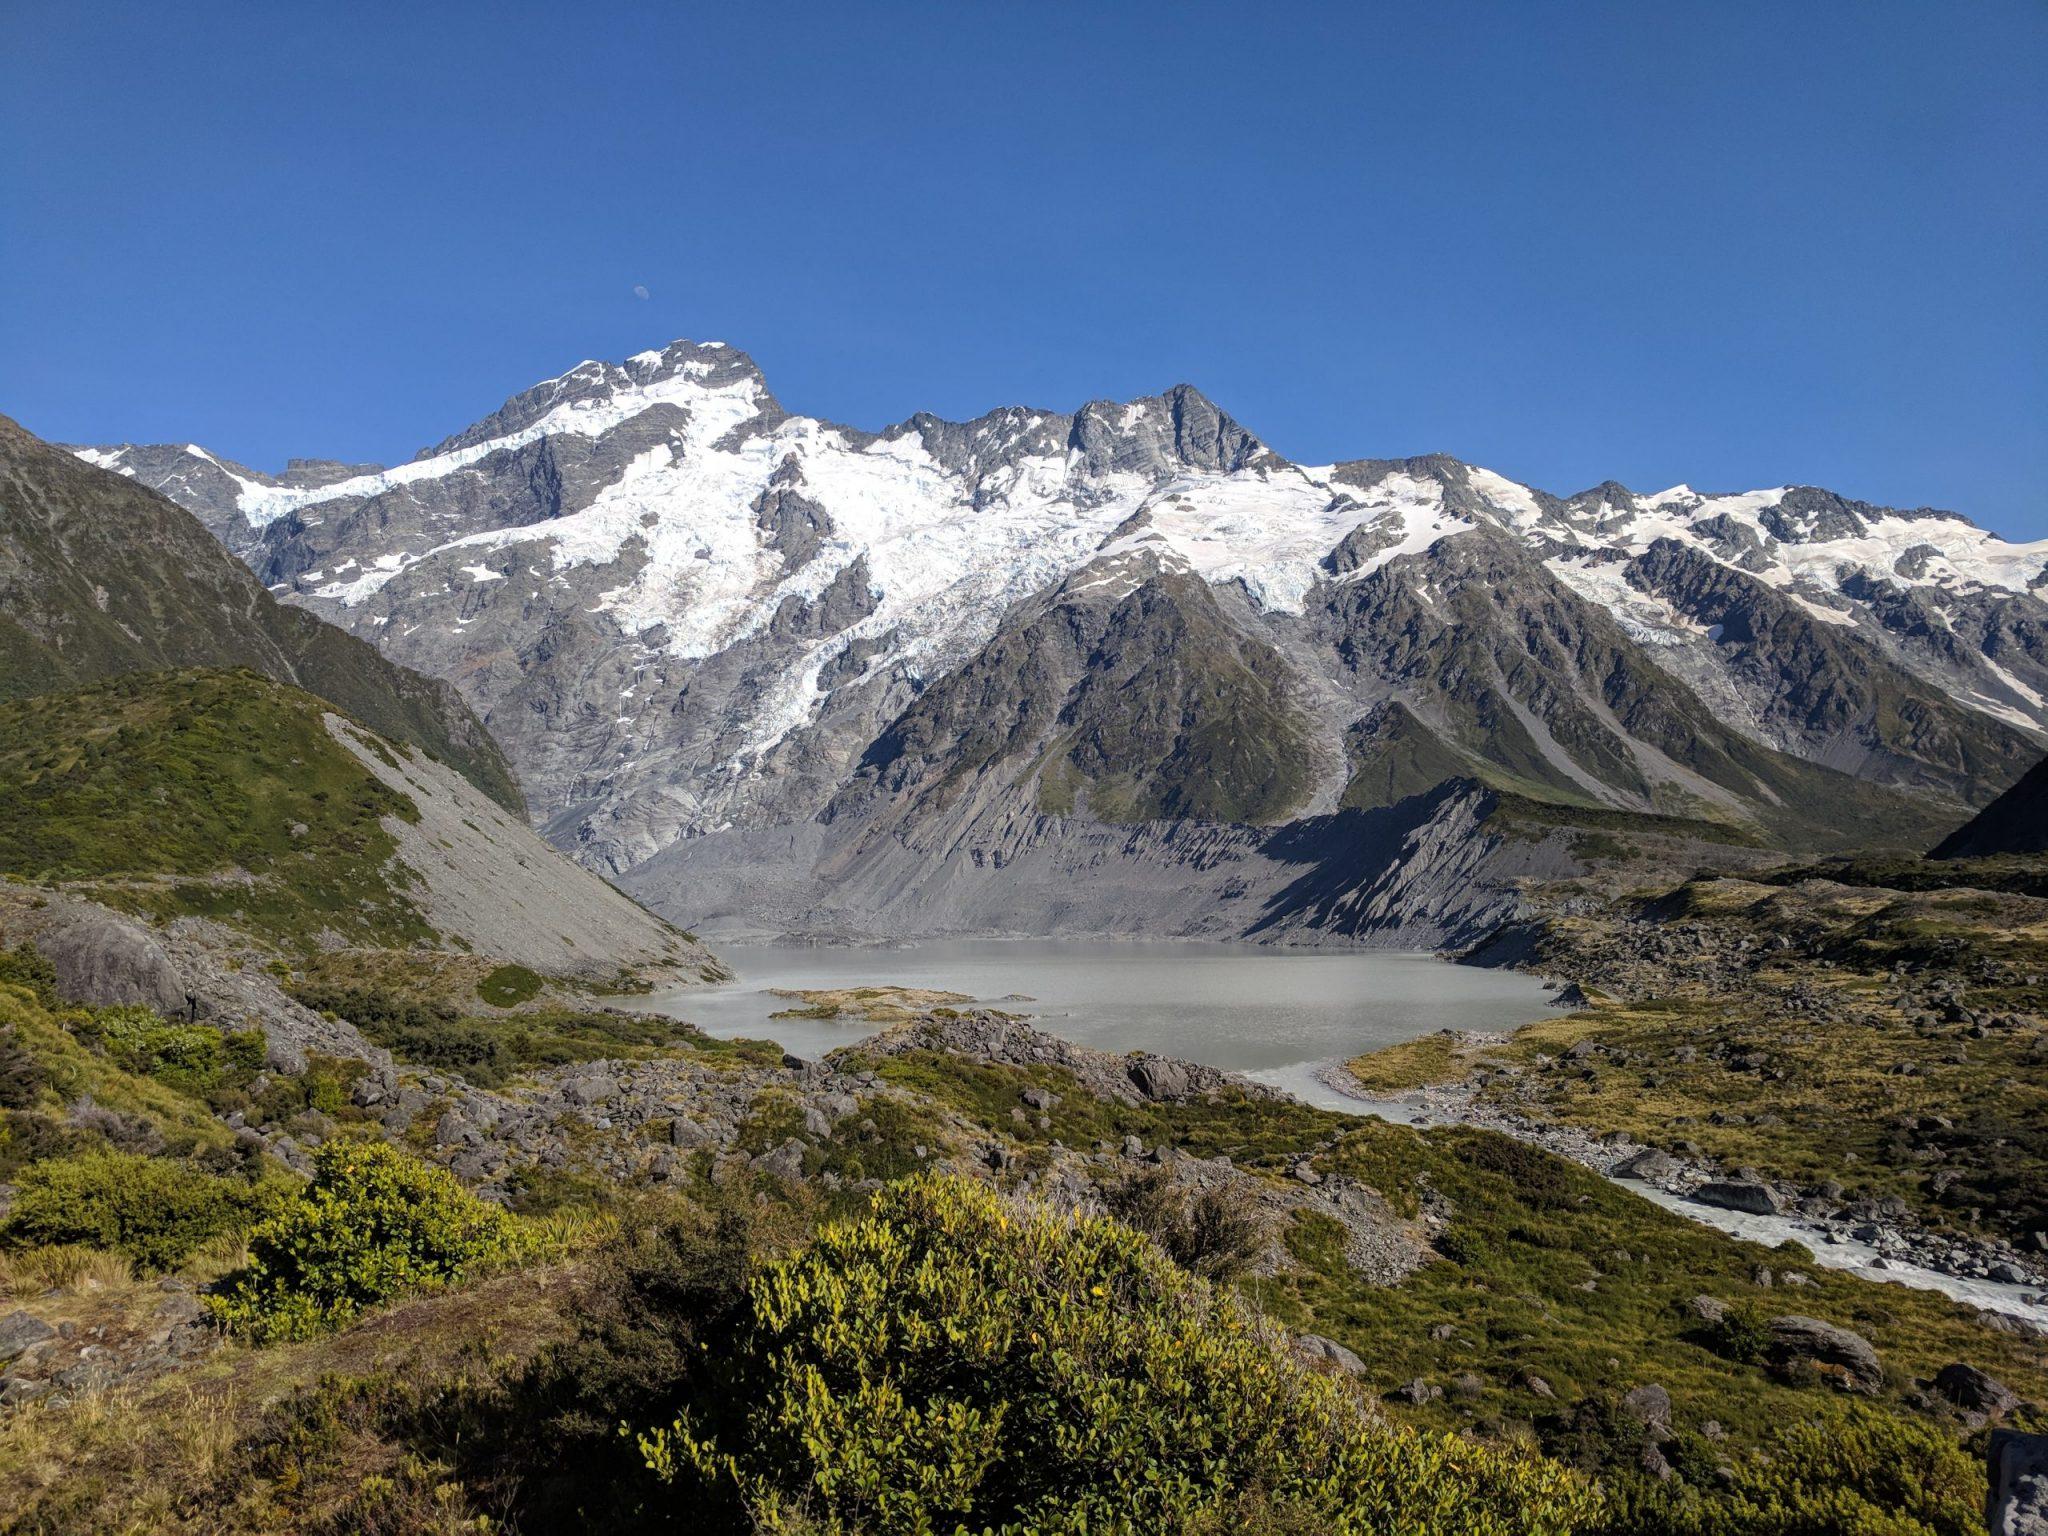 Mt. Cook NP